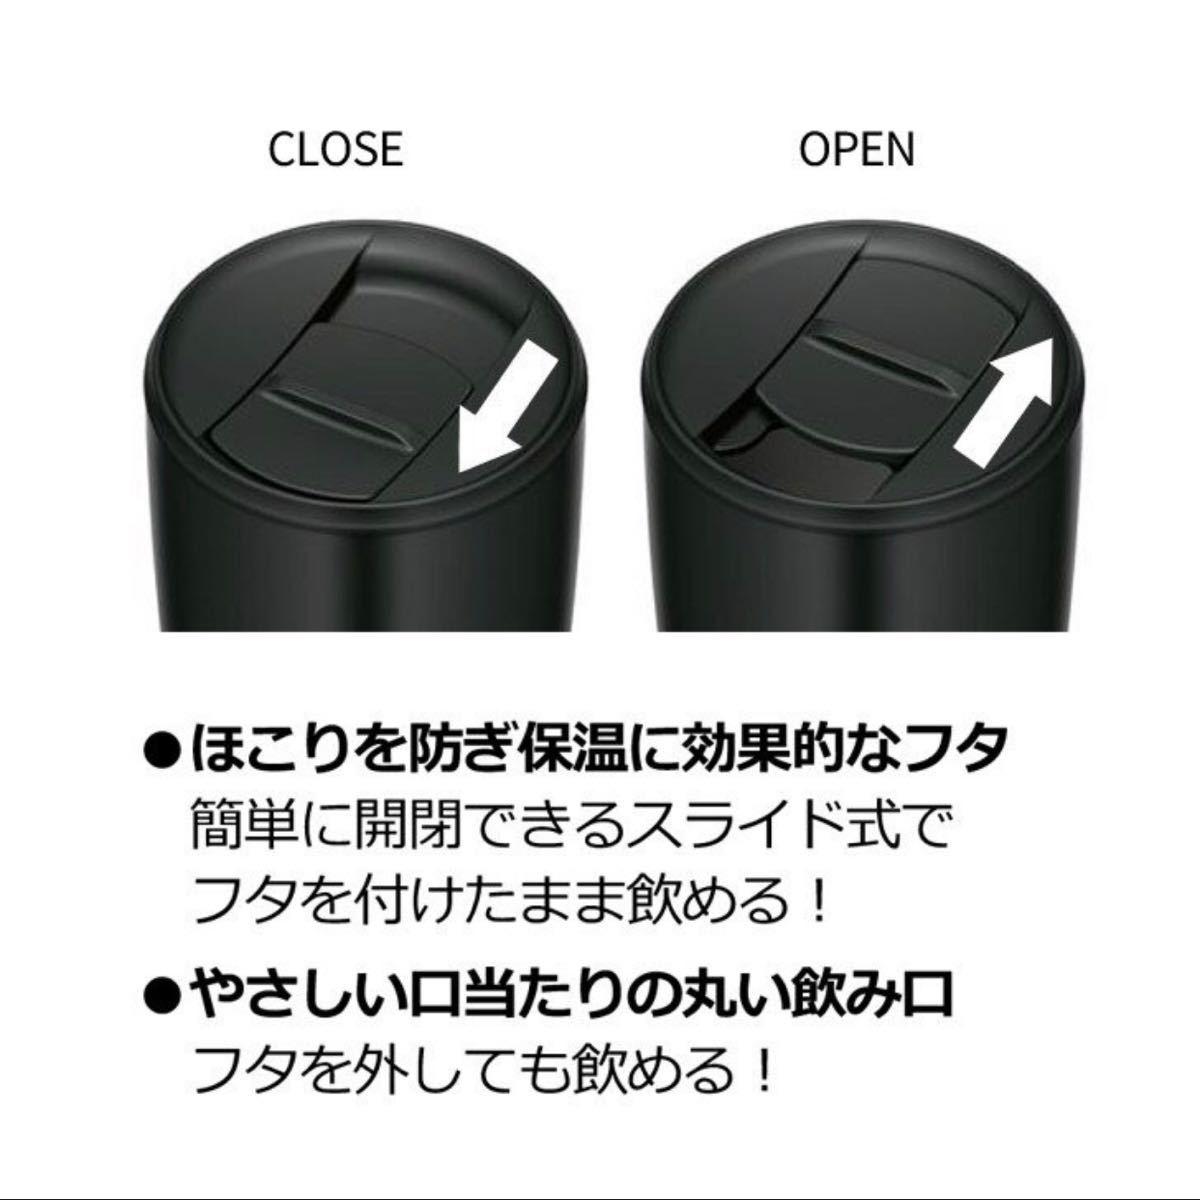 サーモス 真空断熱タンブラー(フタ付き) 400ml ブラック JDP-400 | THERMOS おしゃれ かわいい ふた付き